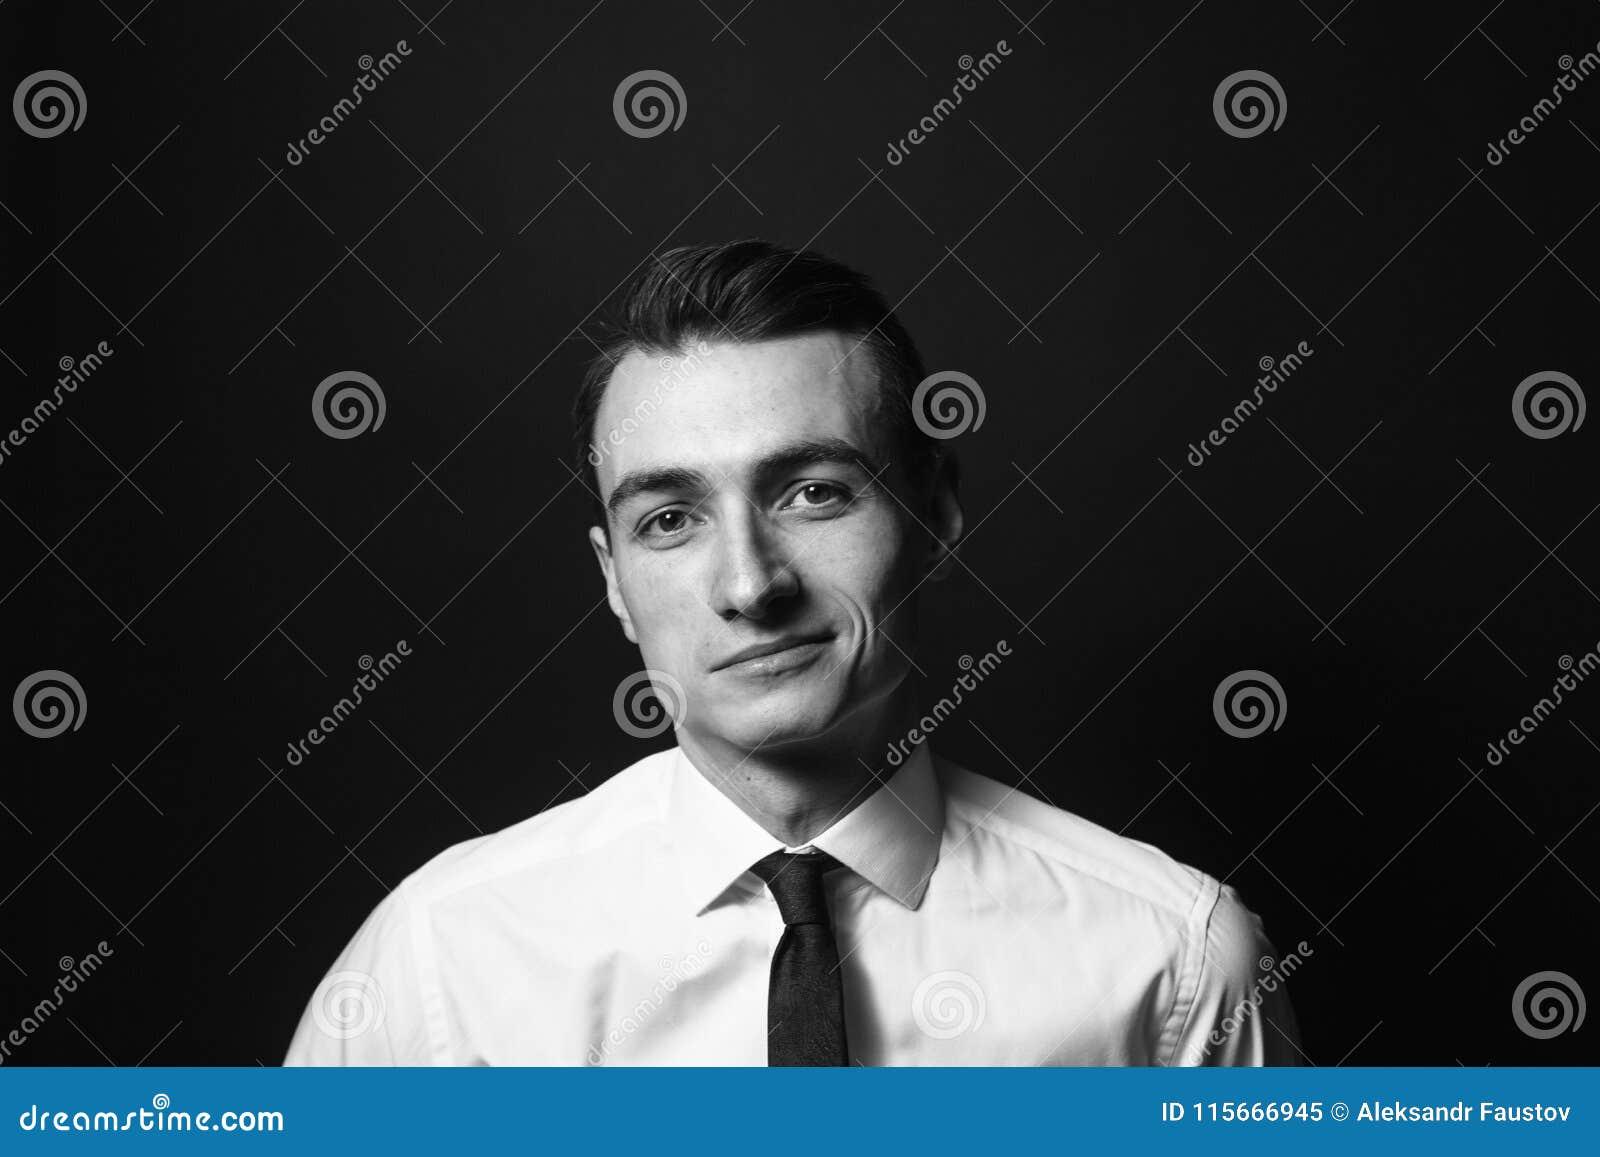 Stående av en ung man i en vit skjorta och smoking